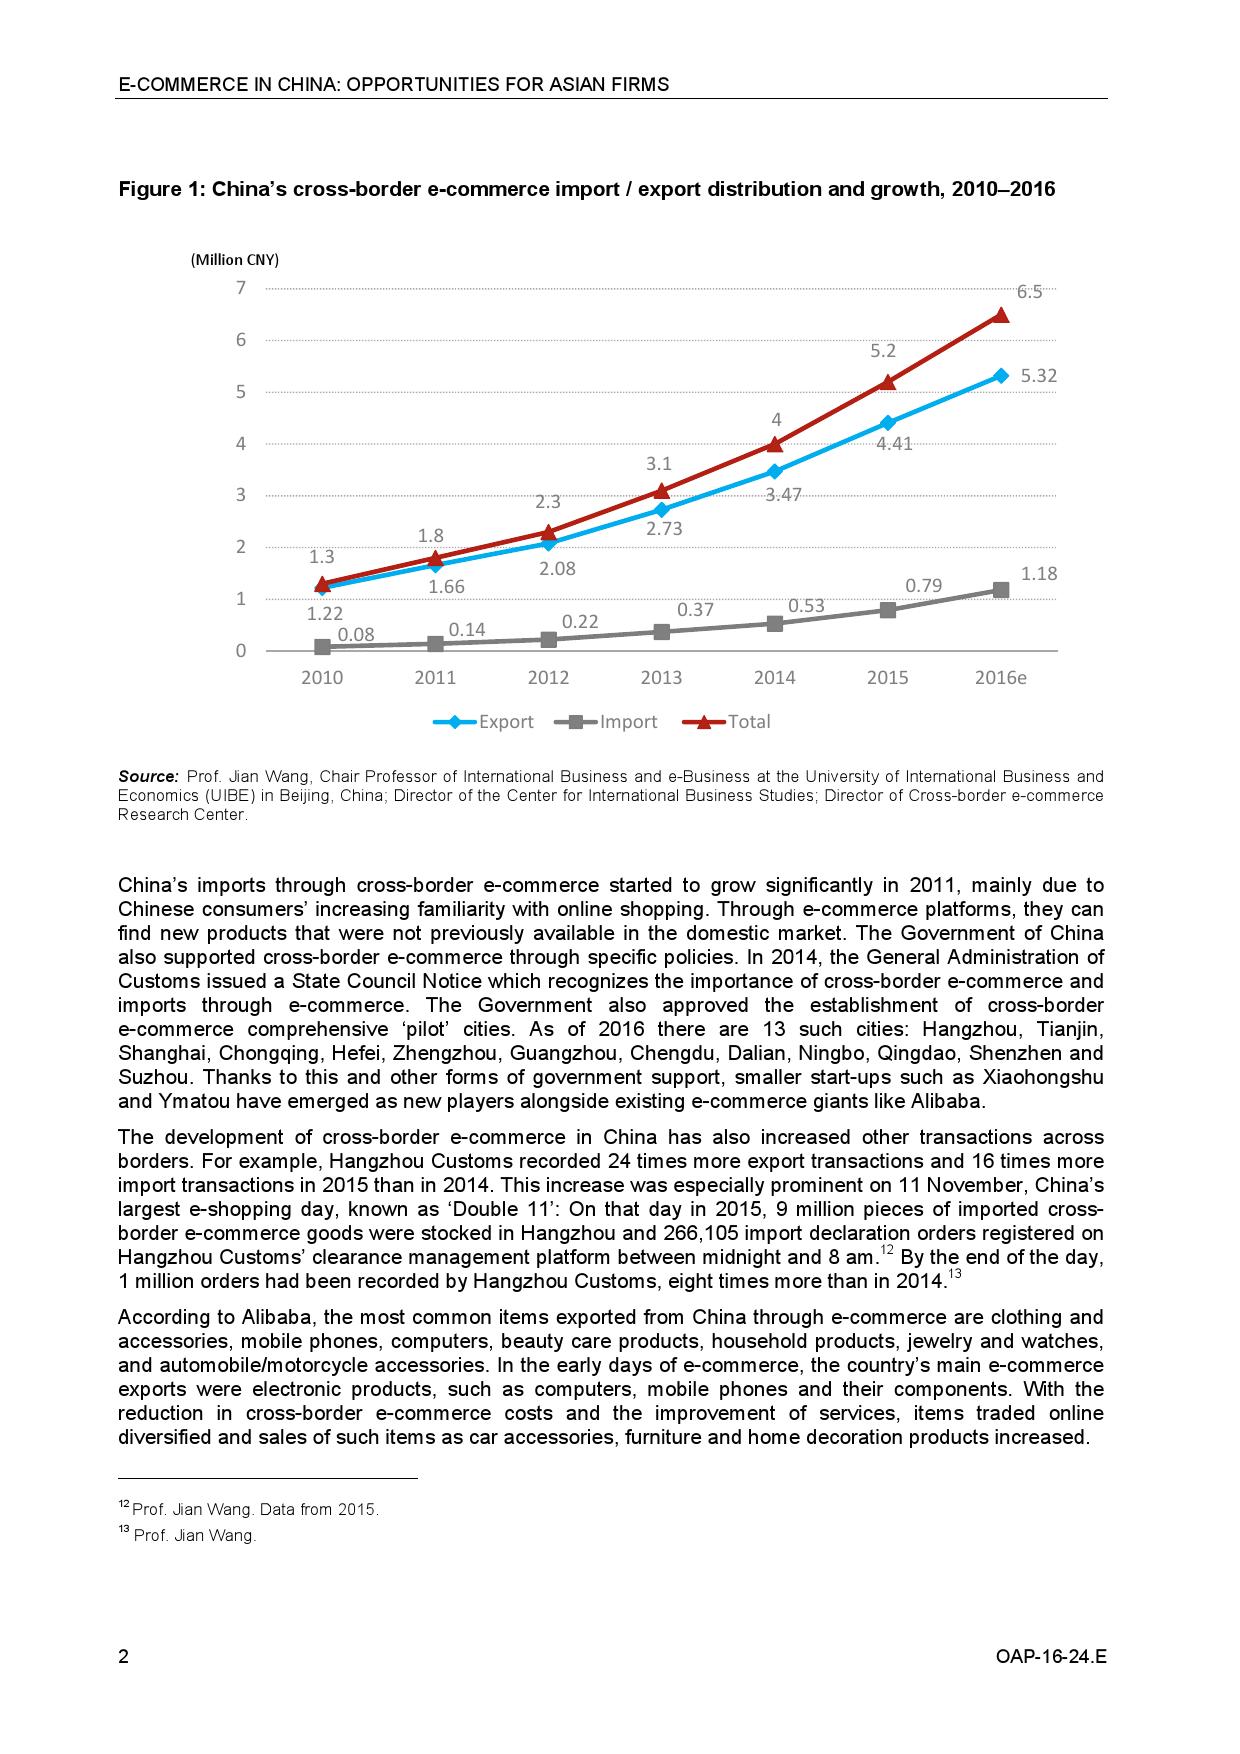 中国电子商务:对亚洲企业的机遇_000014